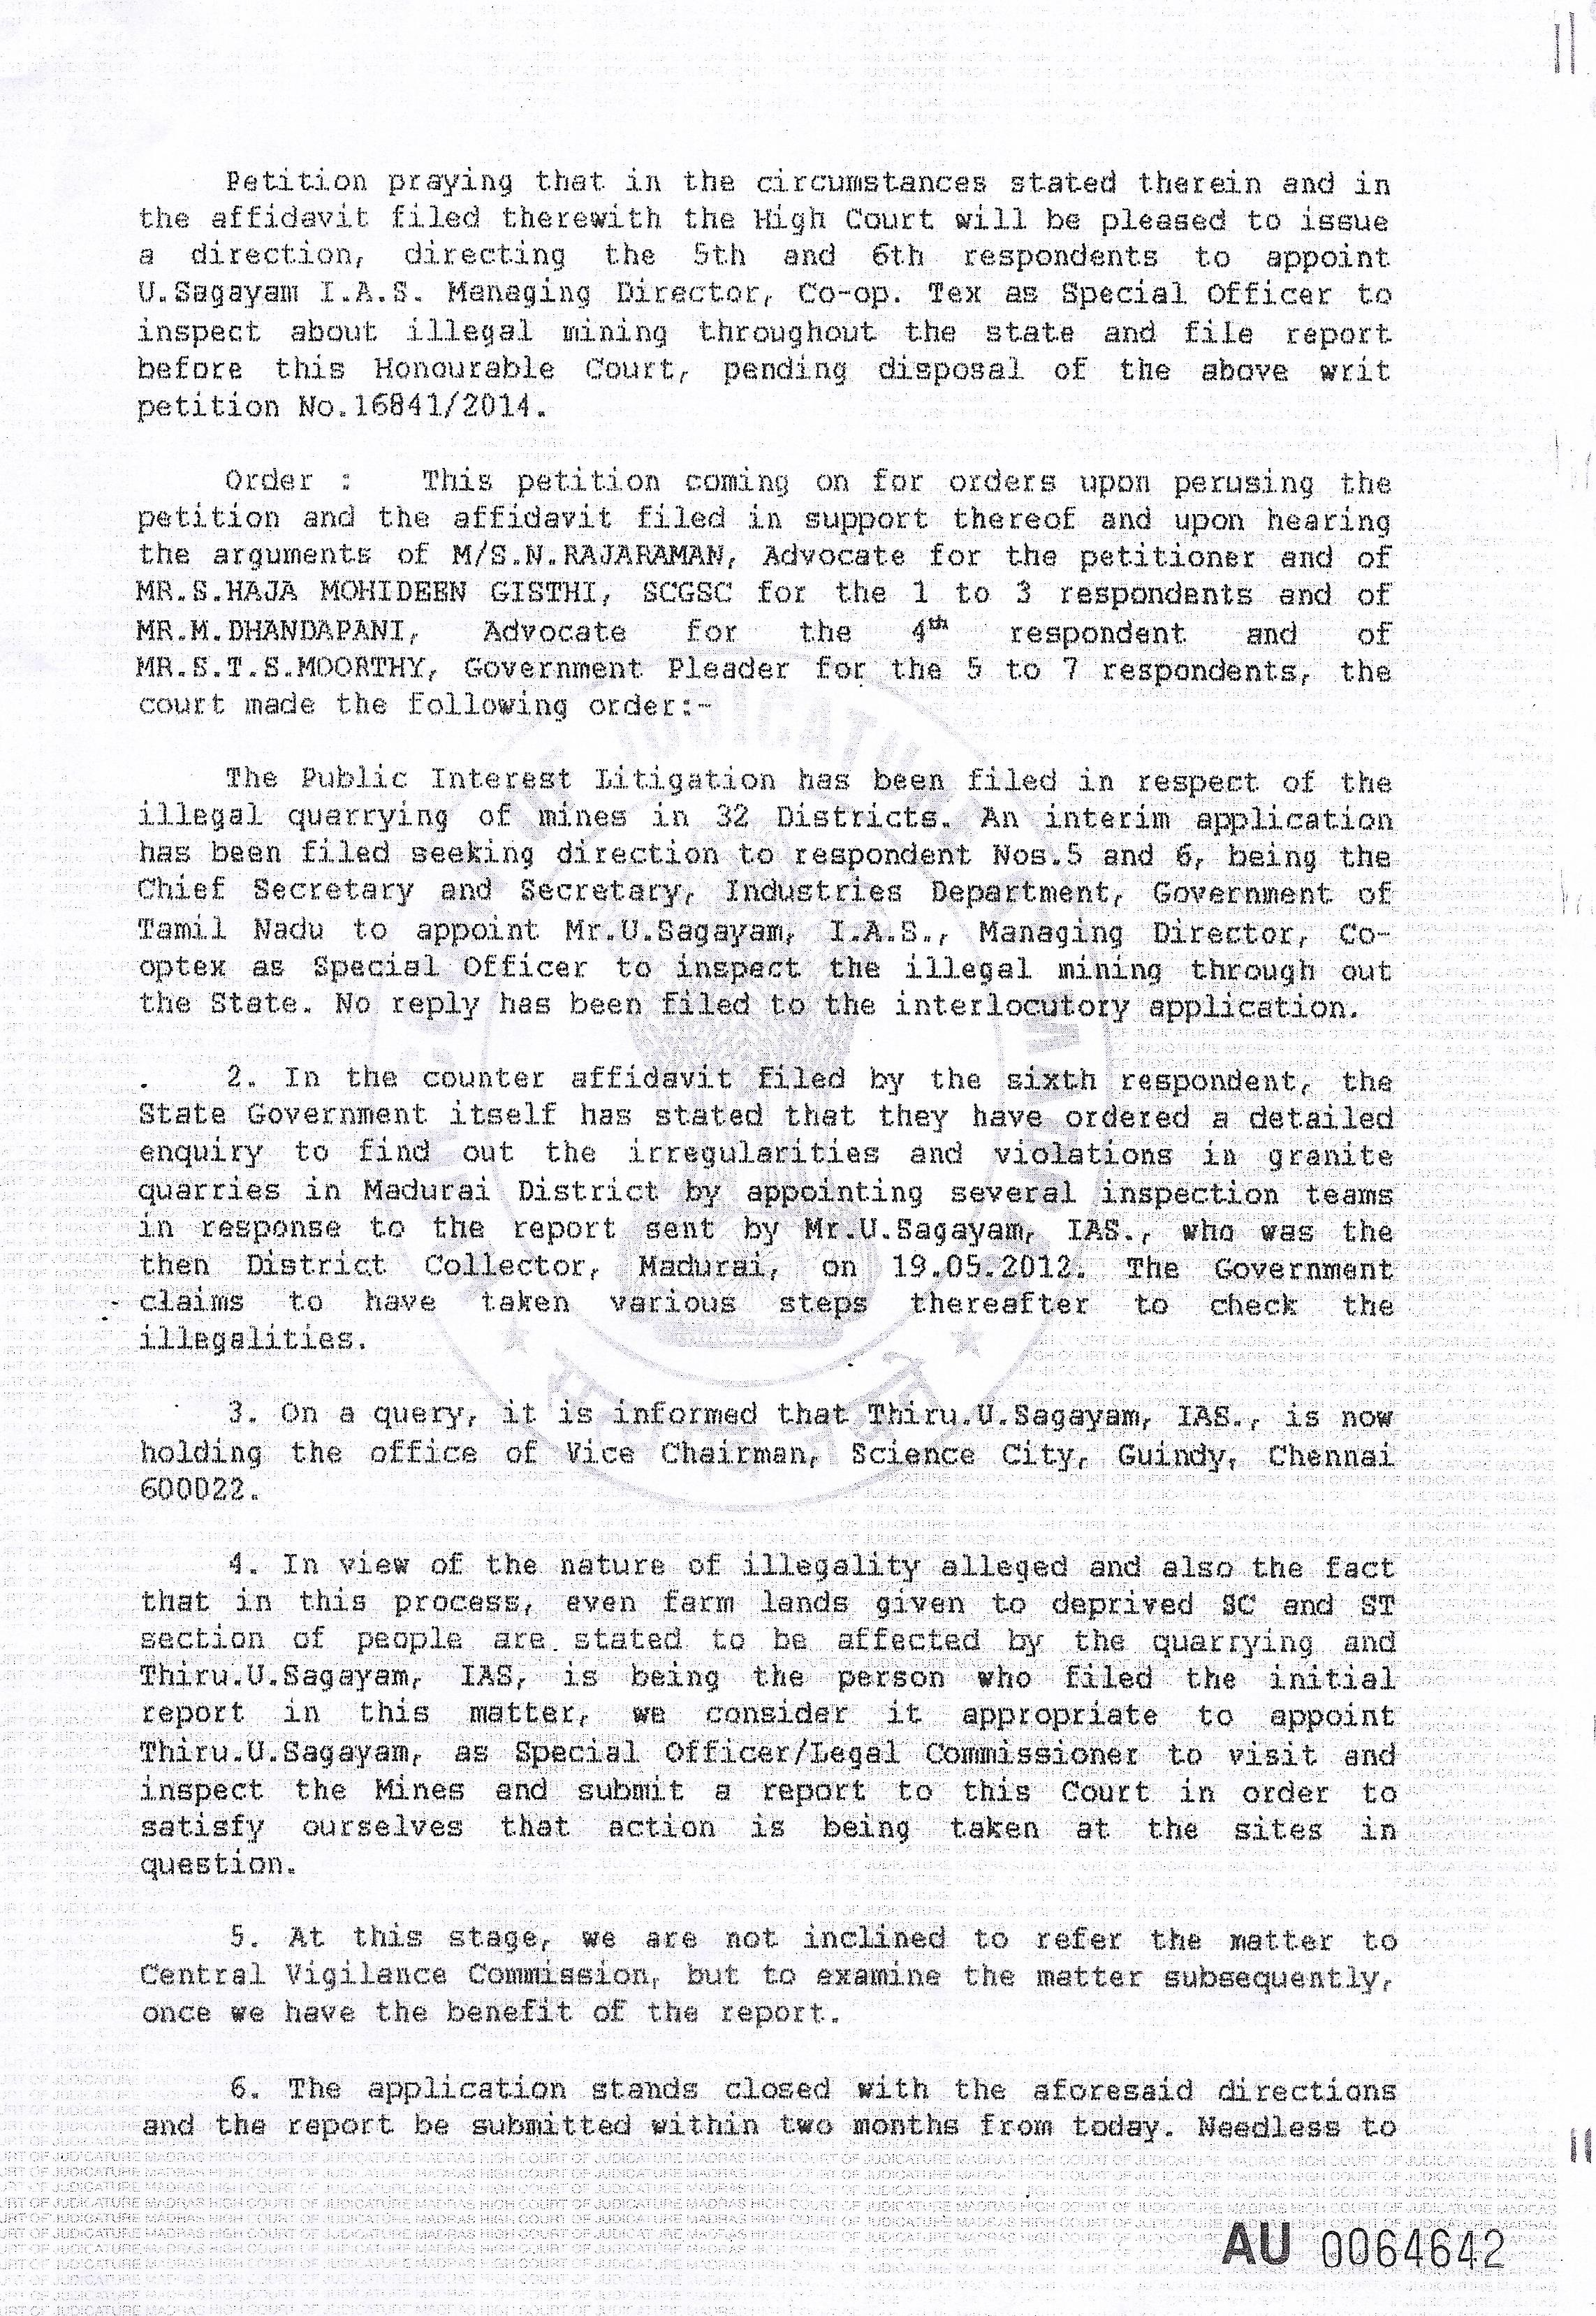 மணல் கொள்ளைகளைத்தடுக்கும் குழுவிற்கு தலைமையேற்றுள்ள உயர்திரு.சகாயம் அவர்களுக்கு துணைநிற்போம்! sagayam order 2